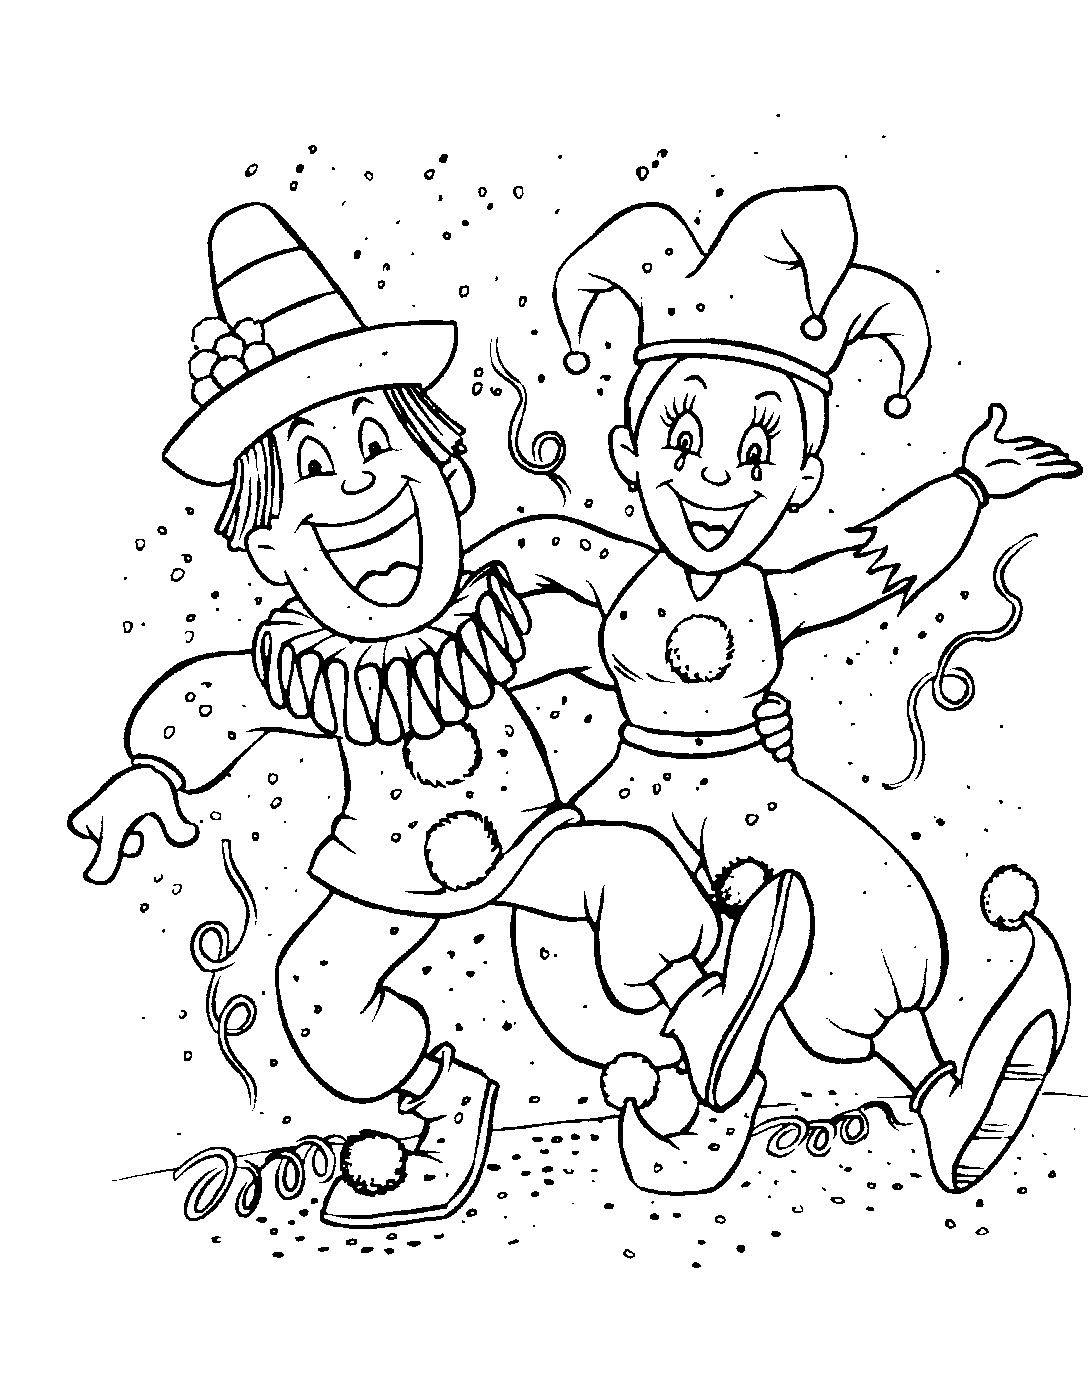 Coloriage Carnaval - Coloriages Pour Enfants destiné Coloriage De Carnaval A Imprimer Gratuit